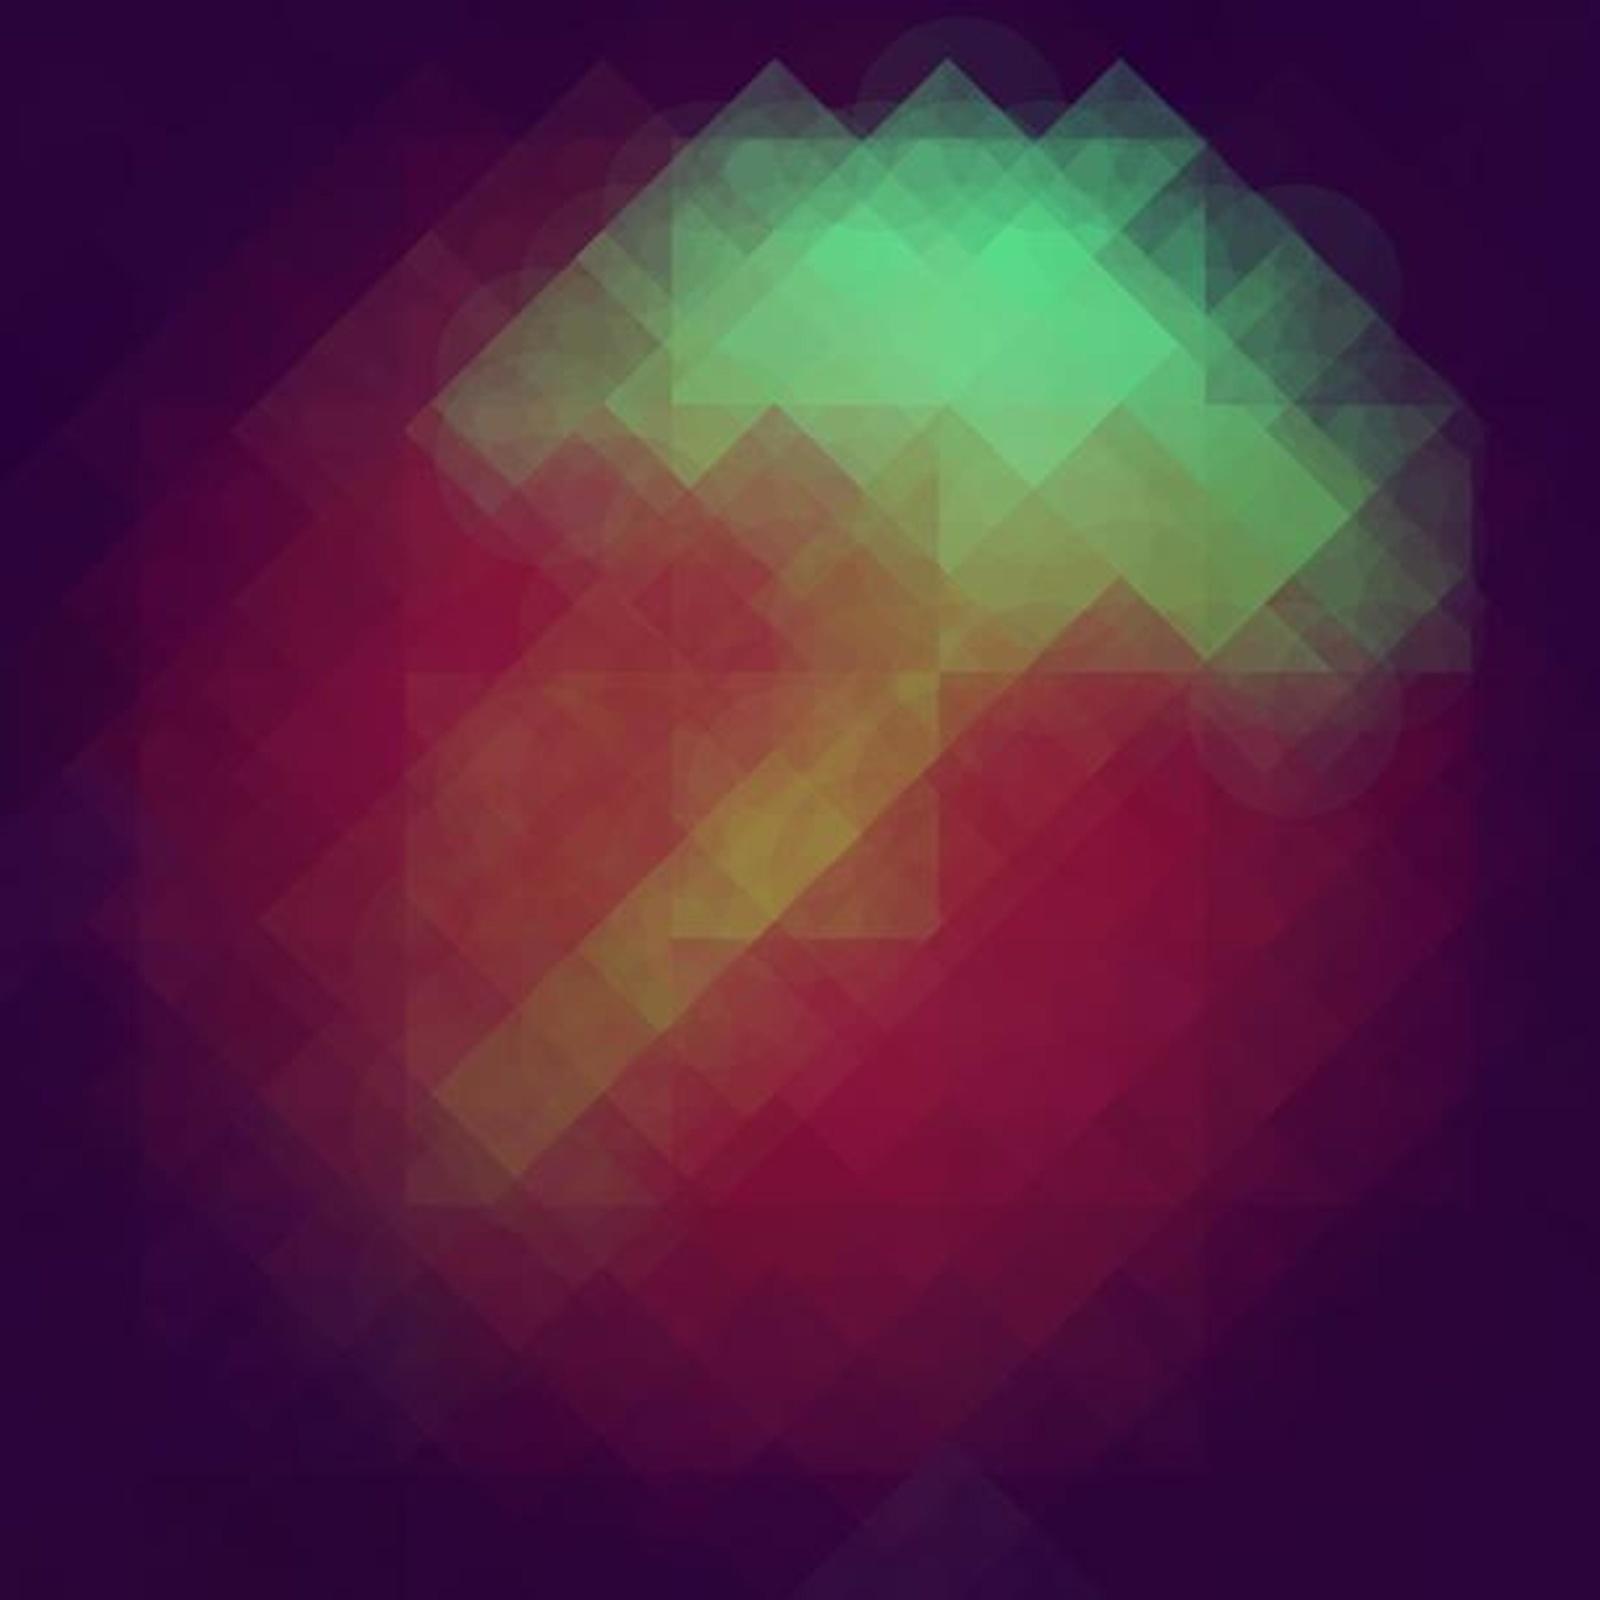 162653-8442688-jelly_pixel_3.jpg